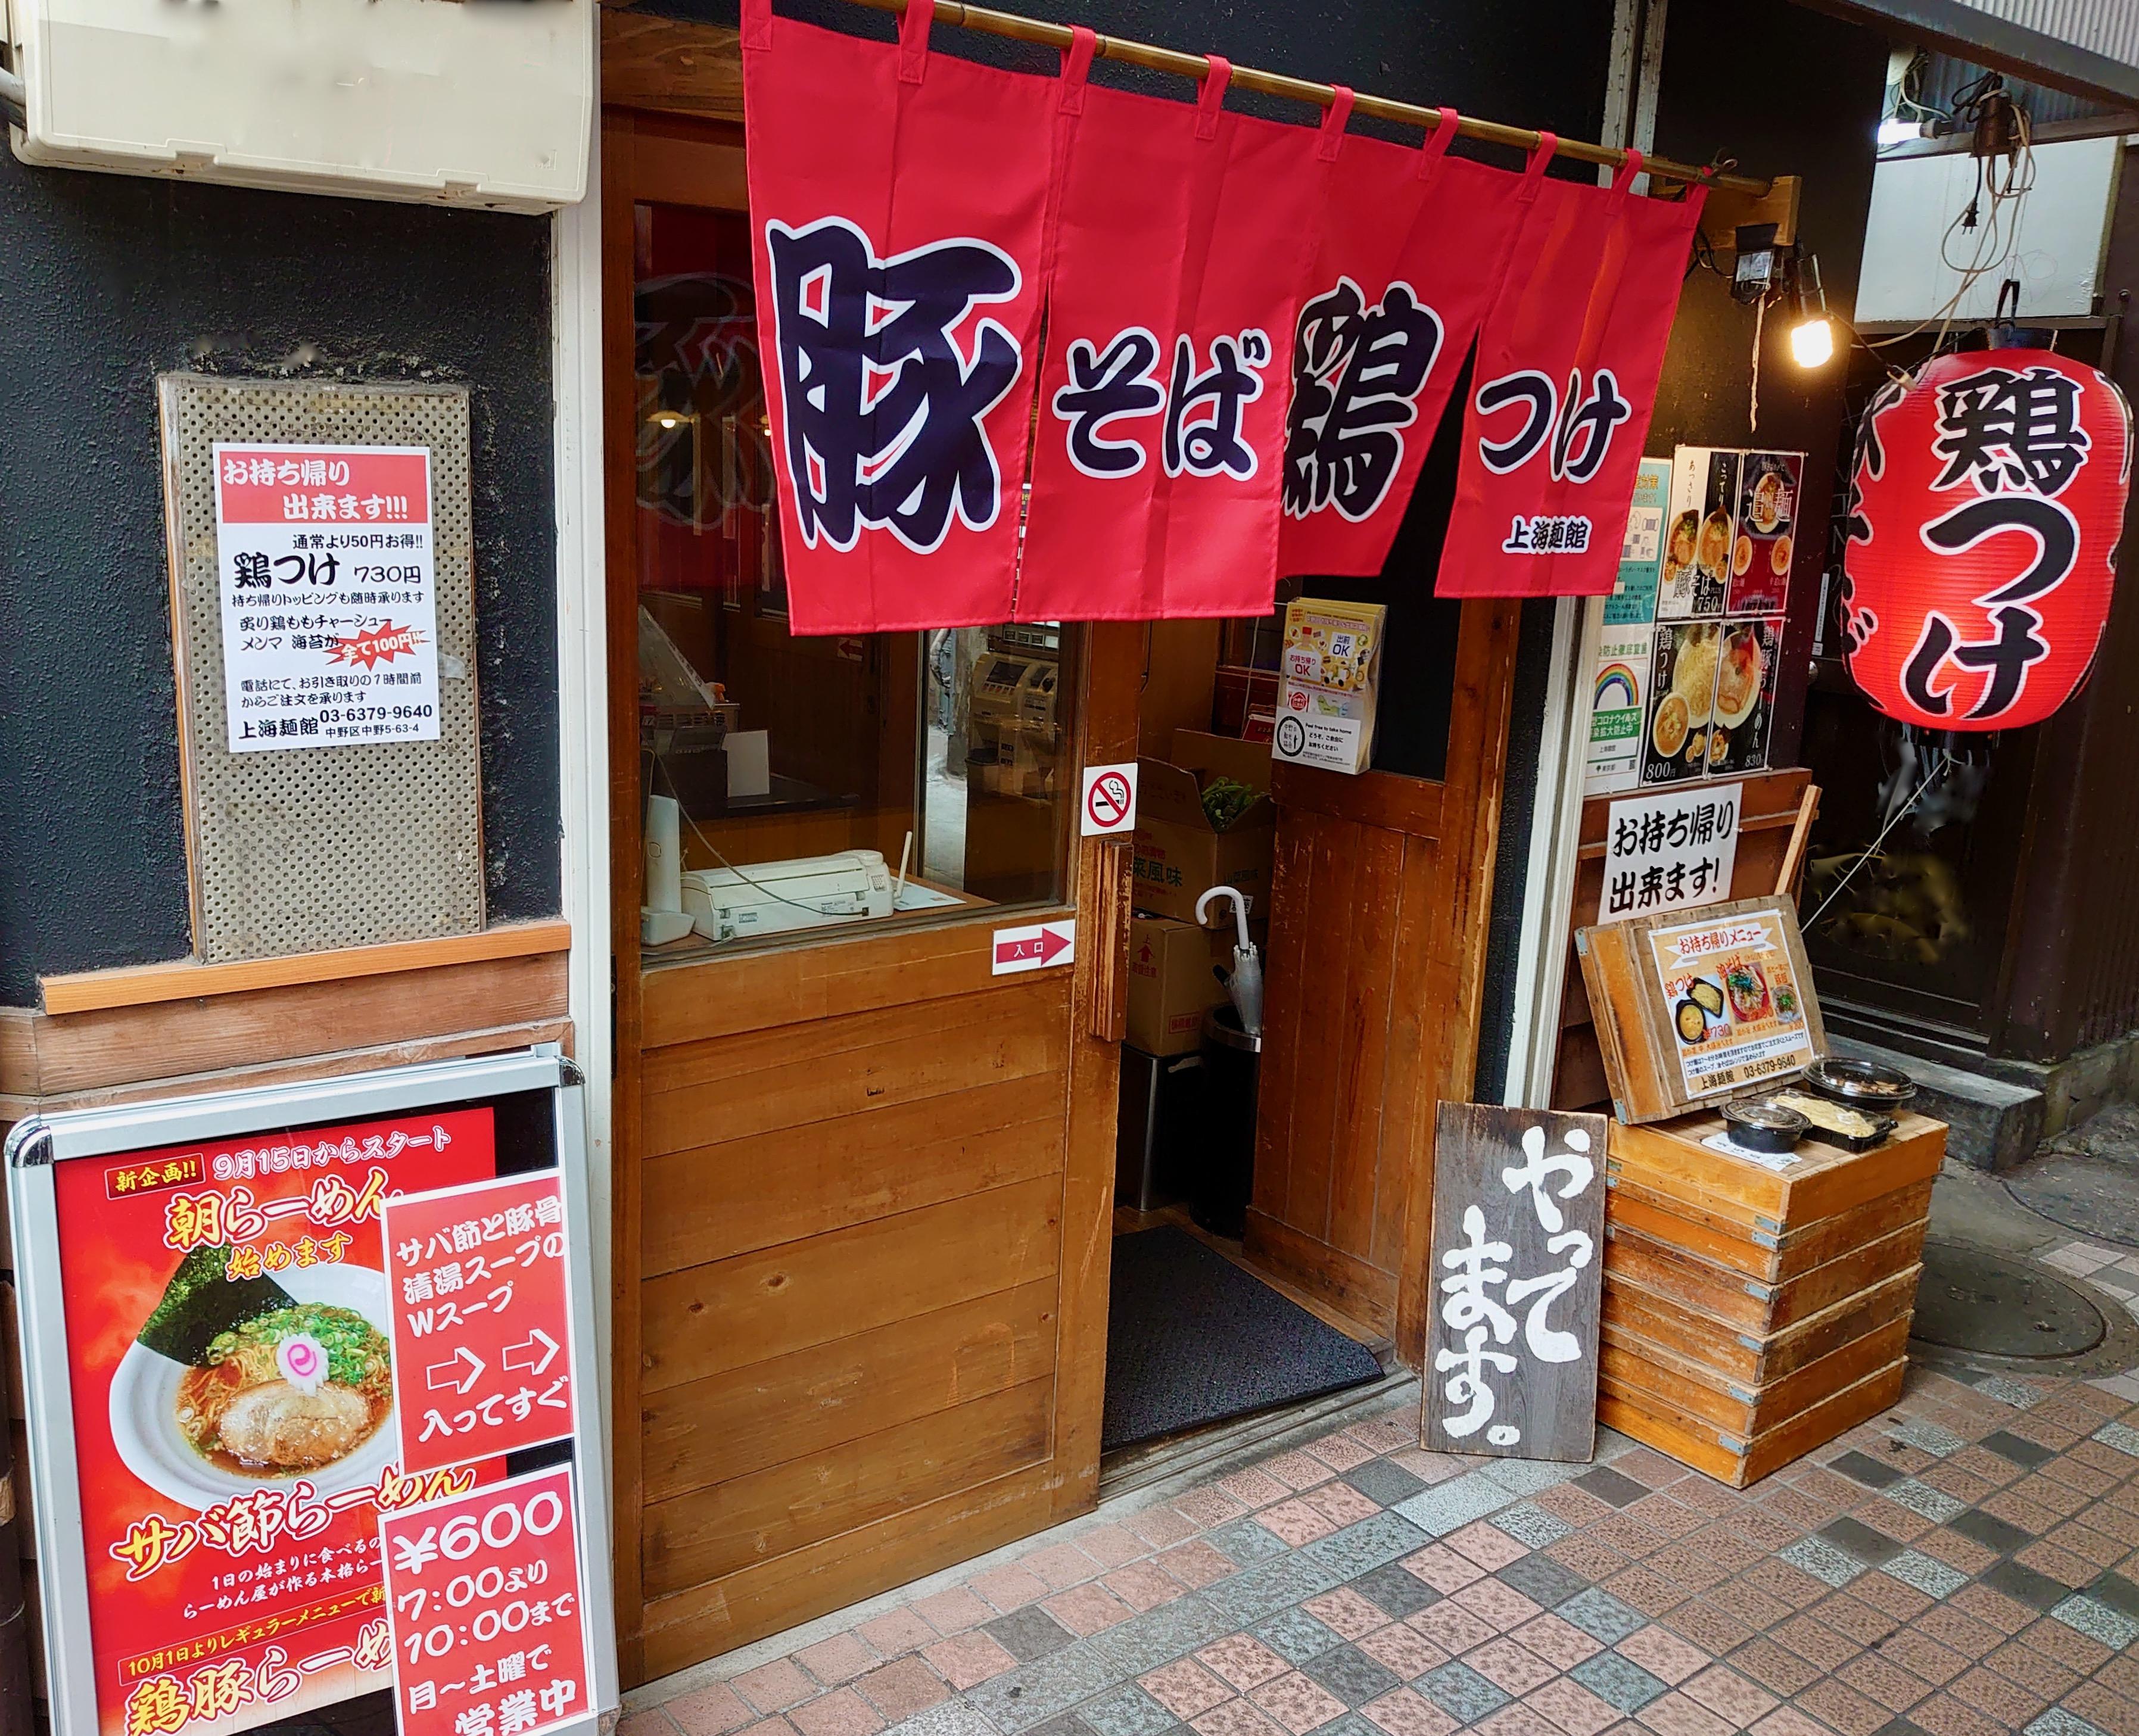 上海麺館がFNNプライムオンラインで紹介されました。